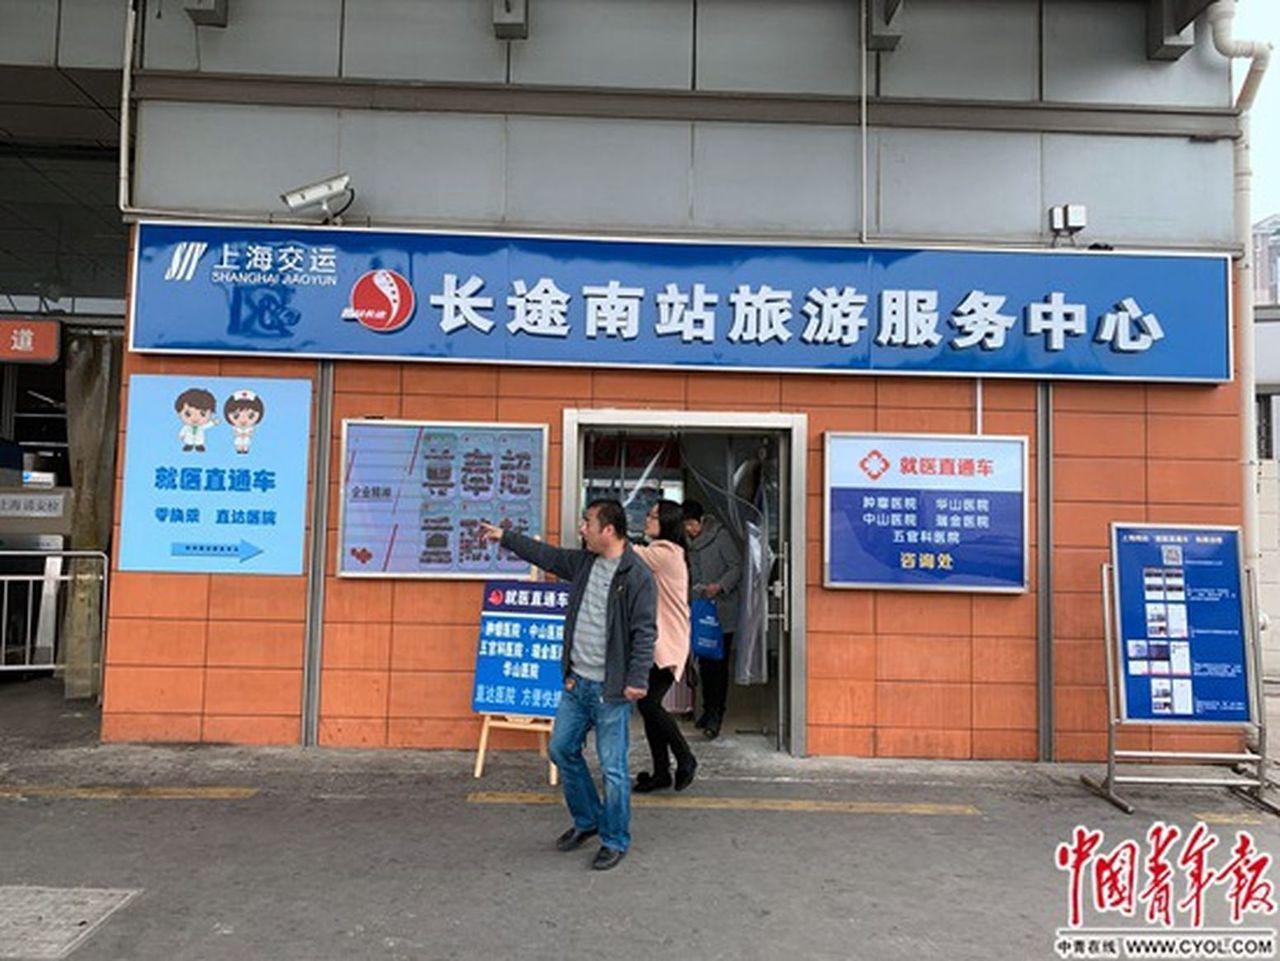 就醫直通車的購票處,司機宗毅正在為乘客指路。